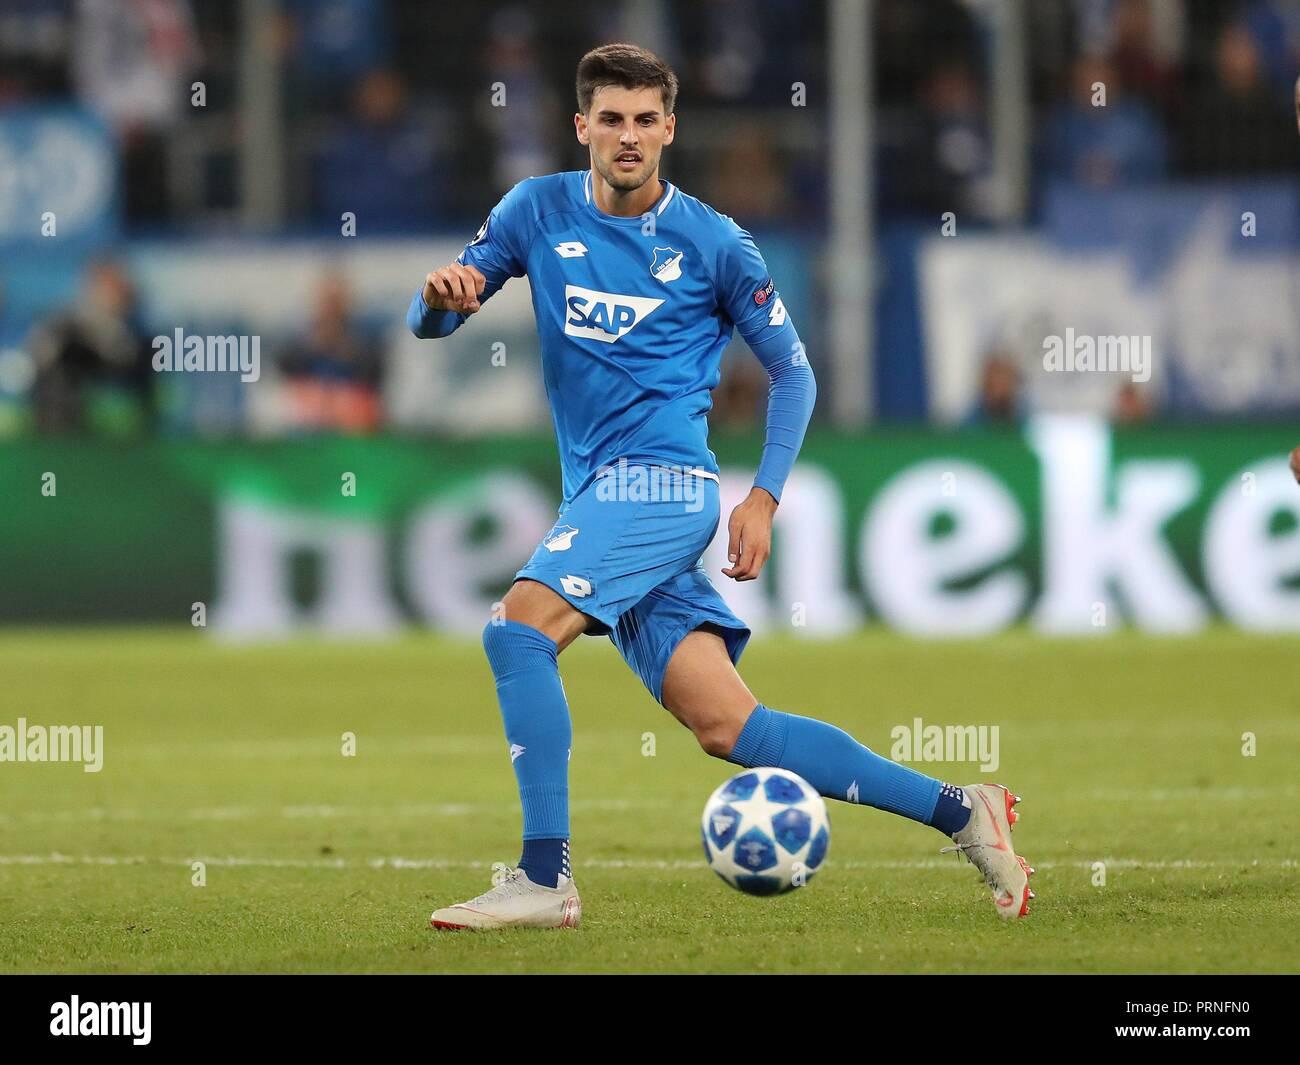 firo: 02.10.2018 Football, Football, Champions League: TSG Hoffenheim - Manchester City 1: 2 Florian Grillitsch, single action   usage worldwide - Stock Image